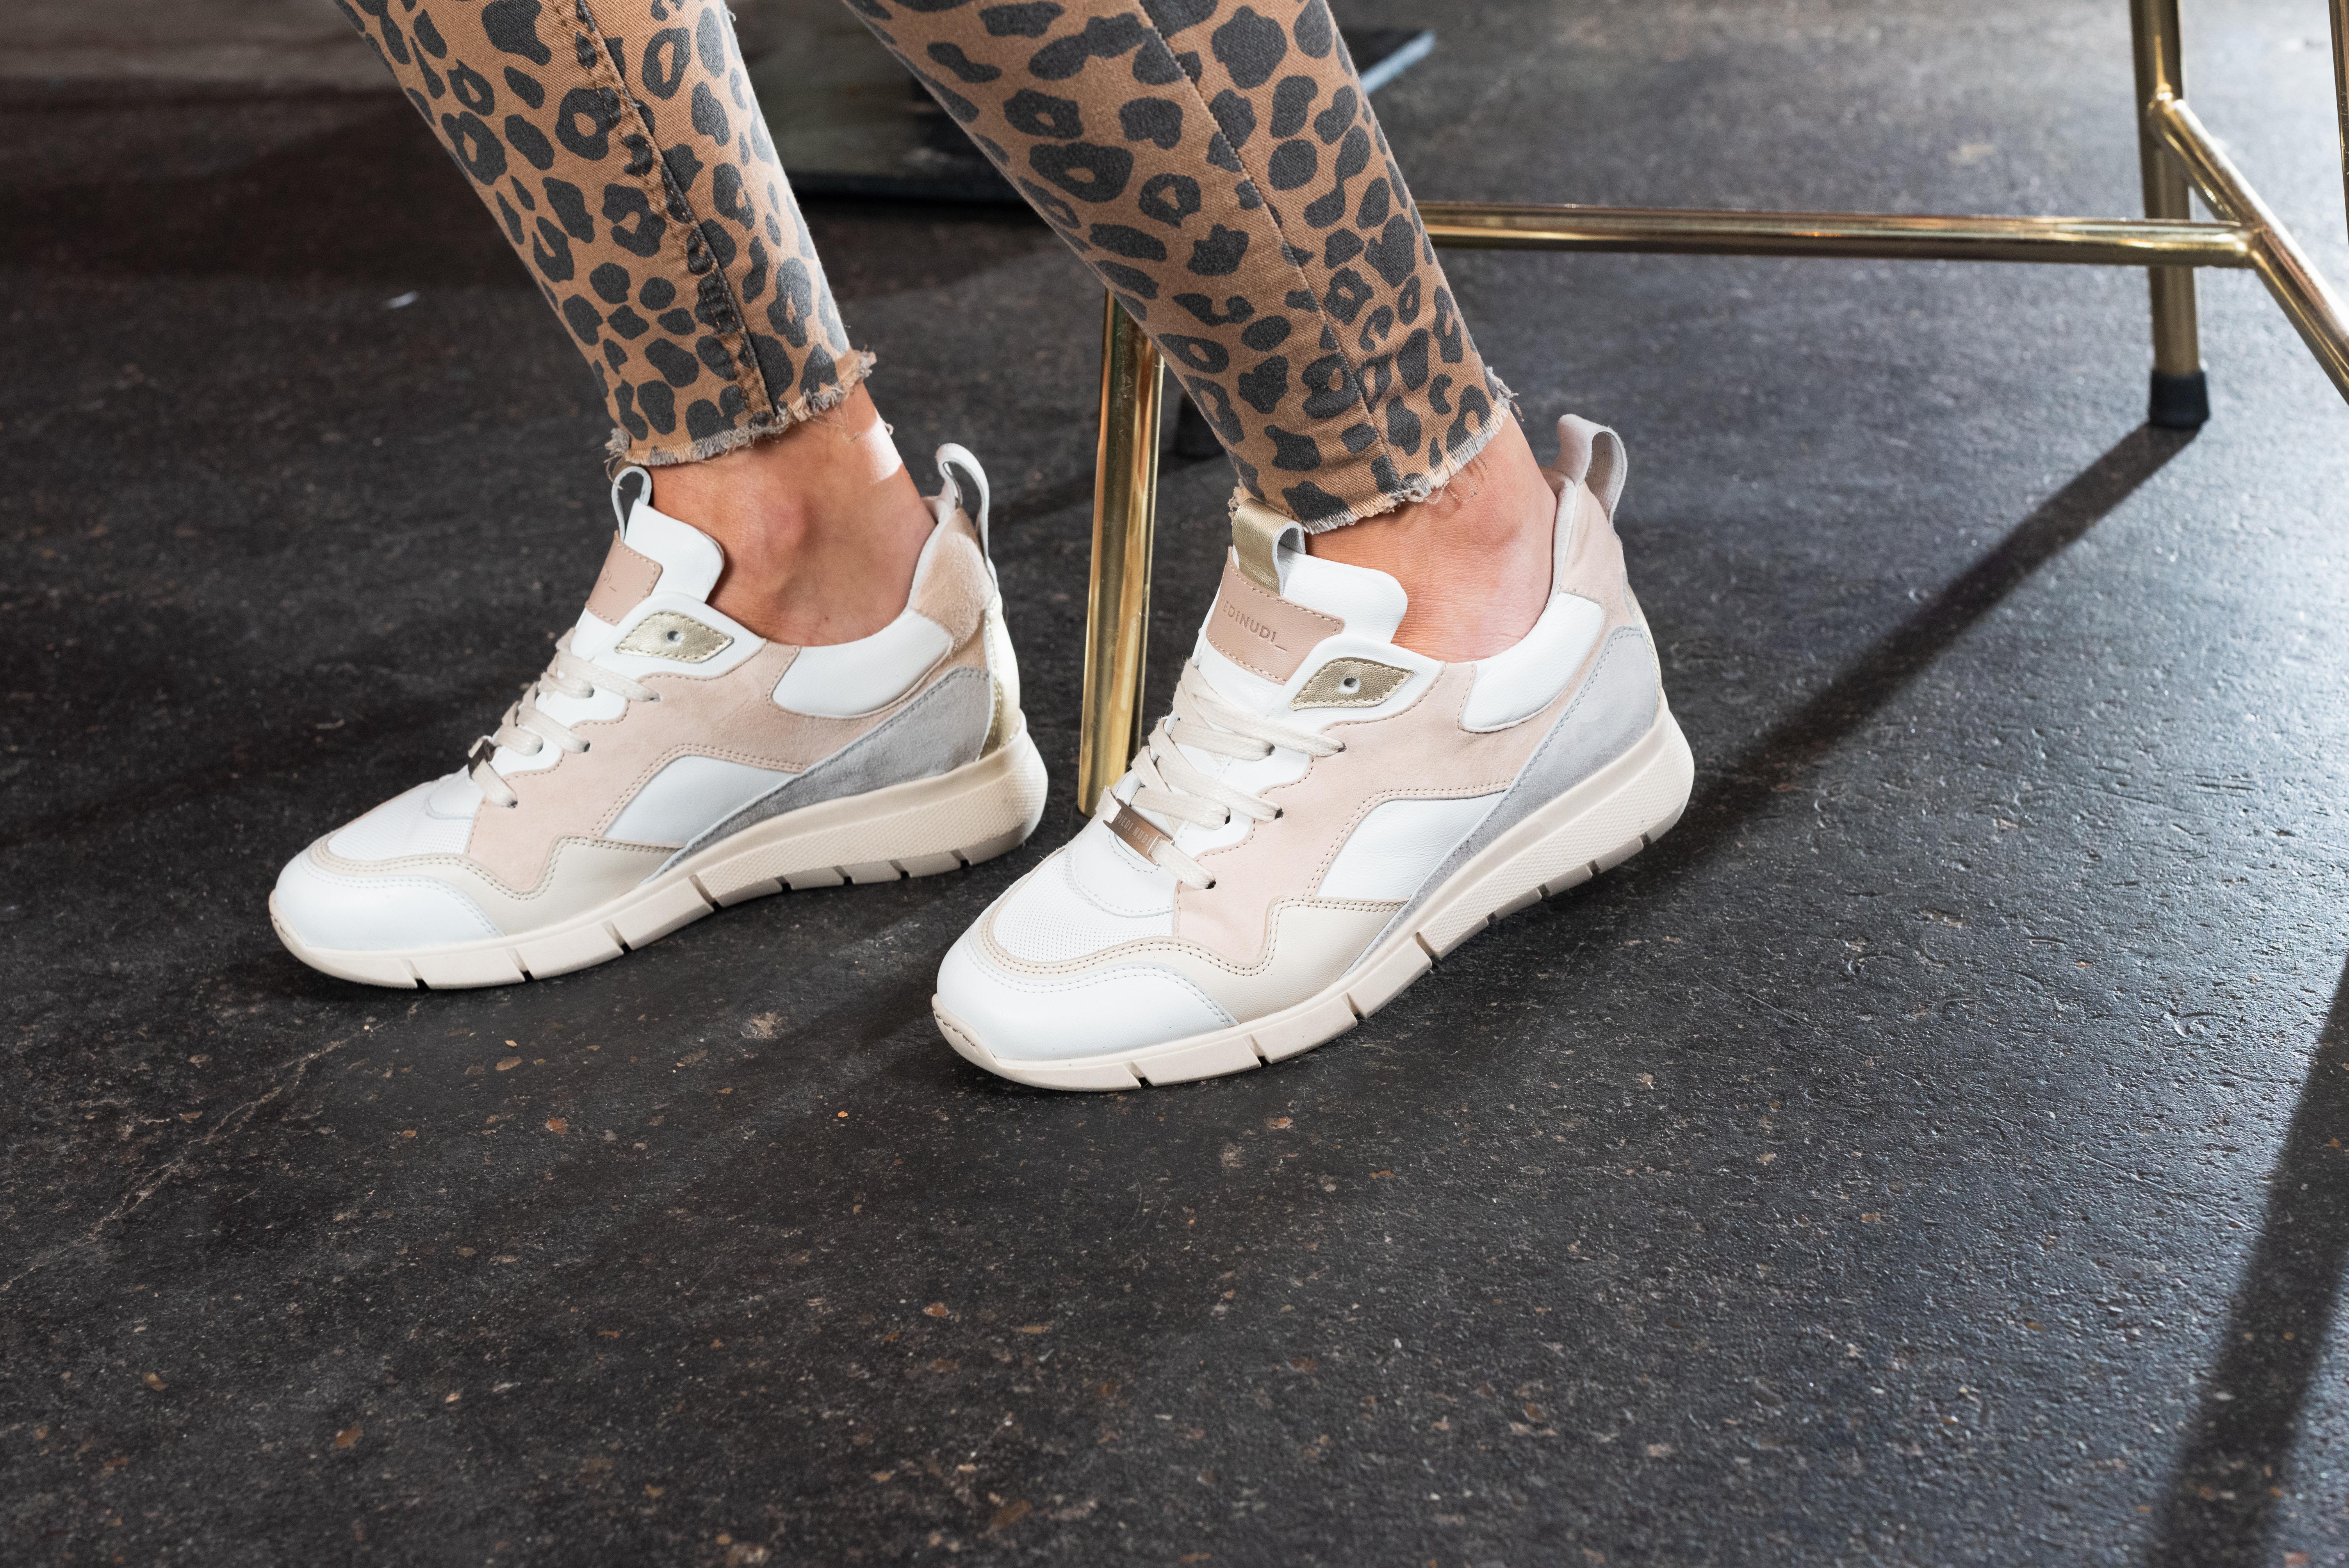 hippe-schoenen-met-breedtematen